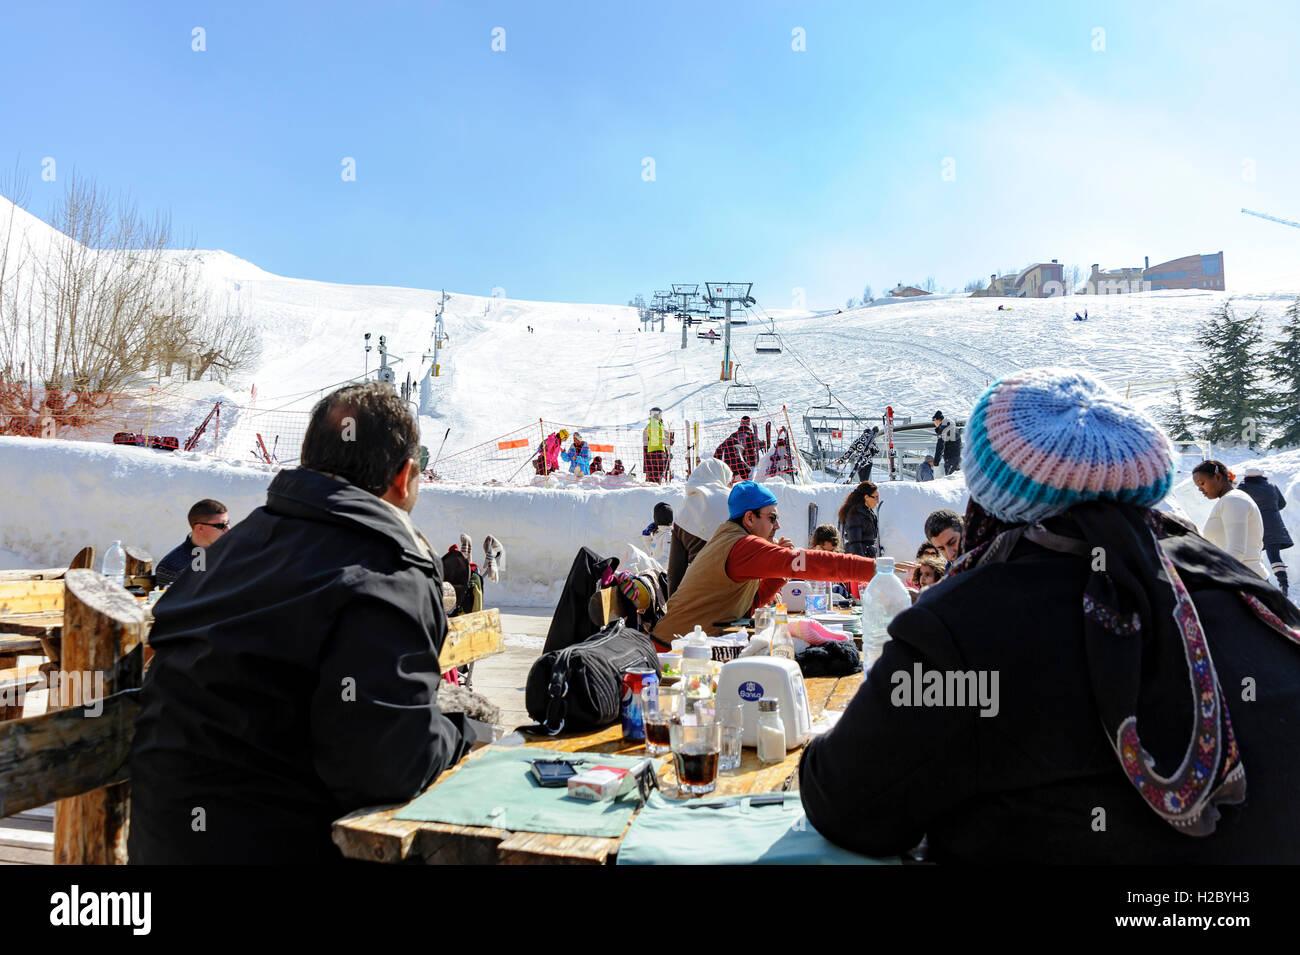 Persone mangiare e guardare gli altri a sciare a Kfardebian Mzaar (ex-Faraya) ski resort, Libano Immagini Stock